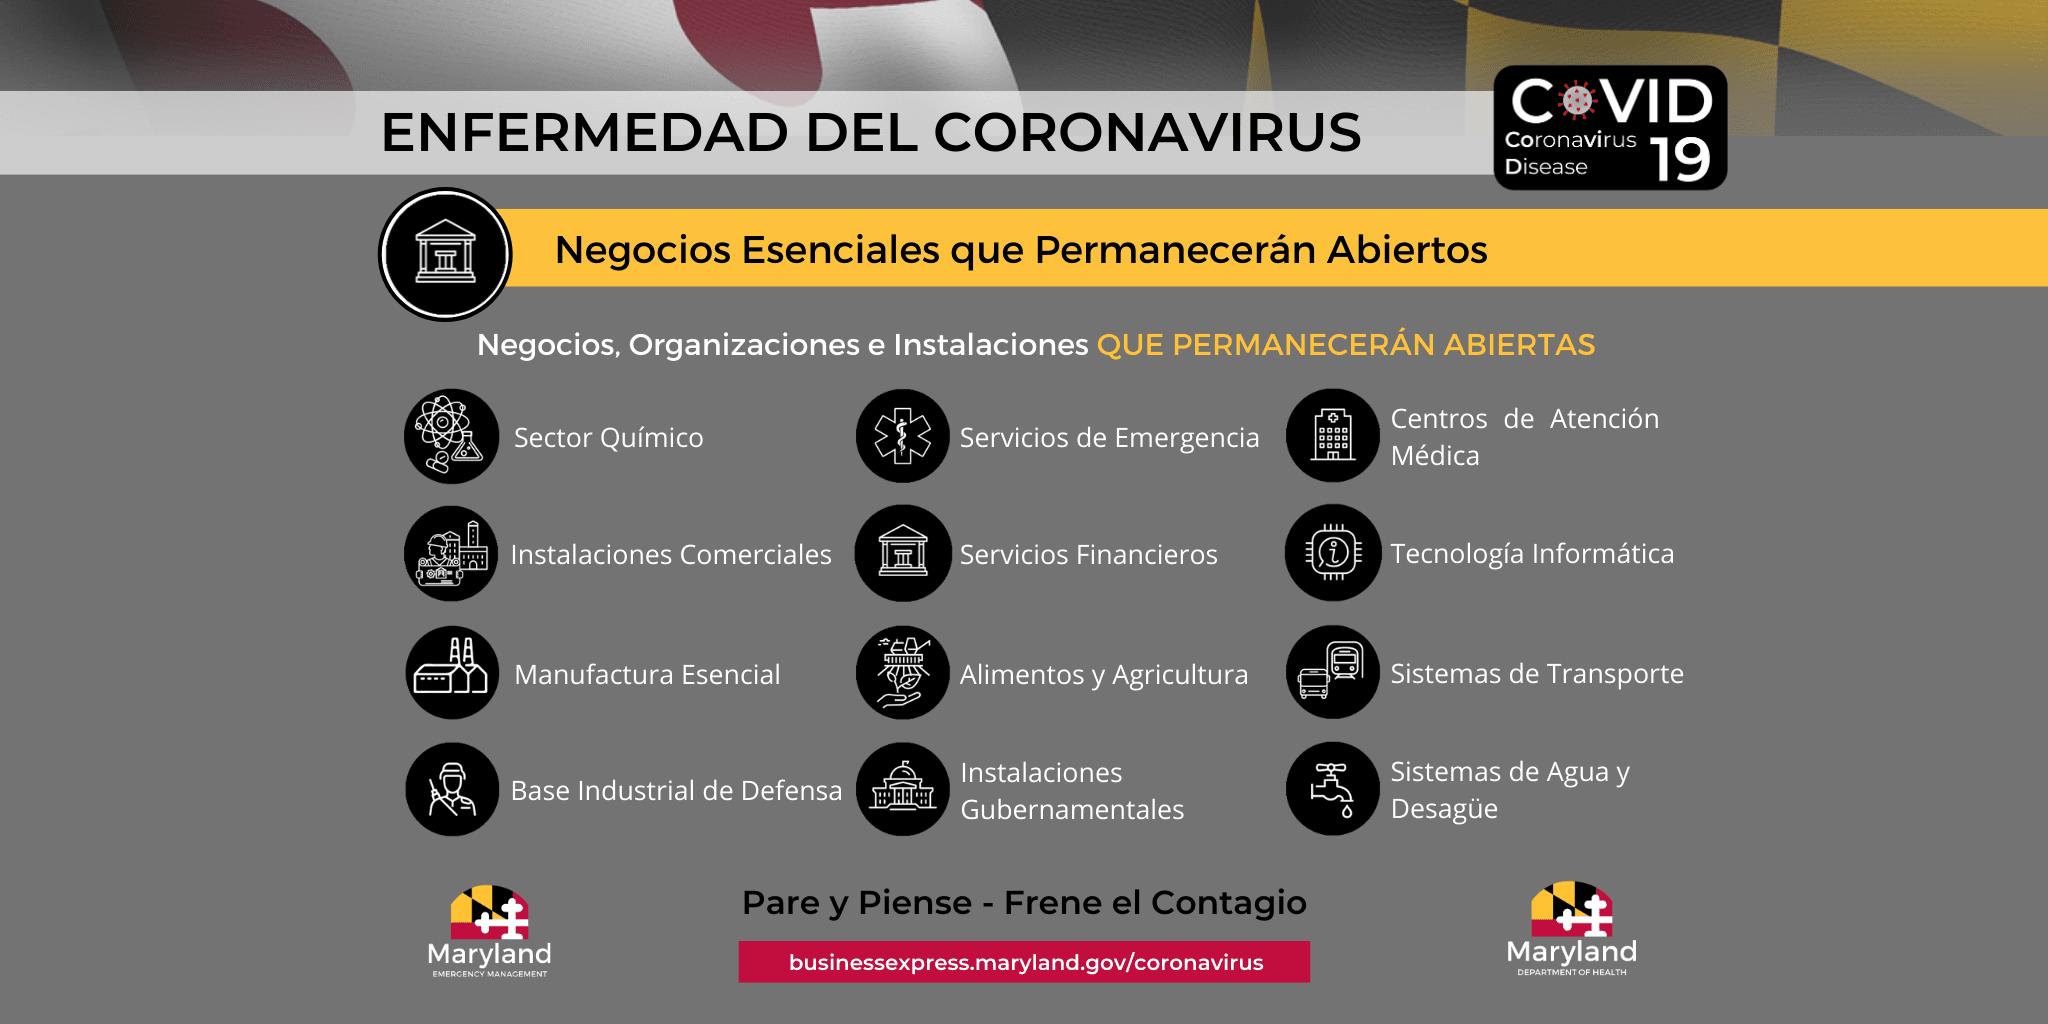 MEMA Negocios Esenciales Opens in new window